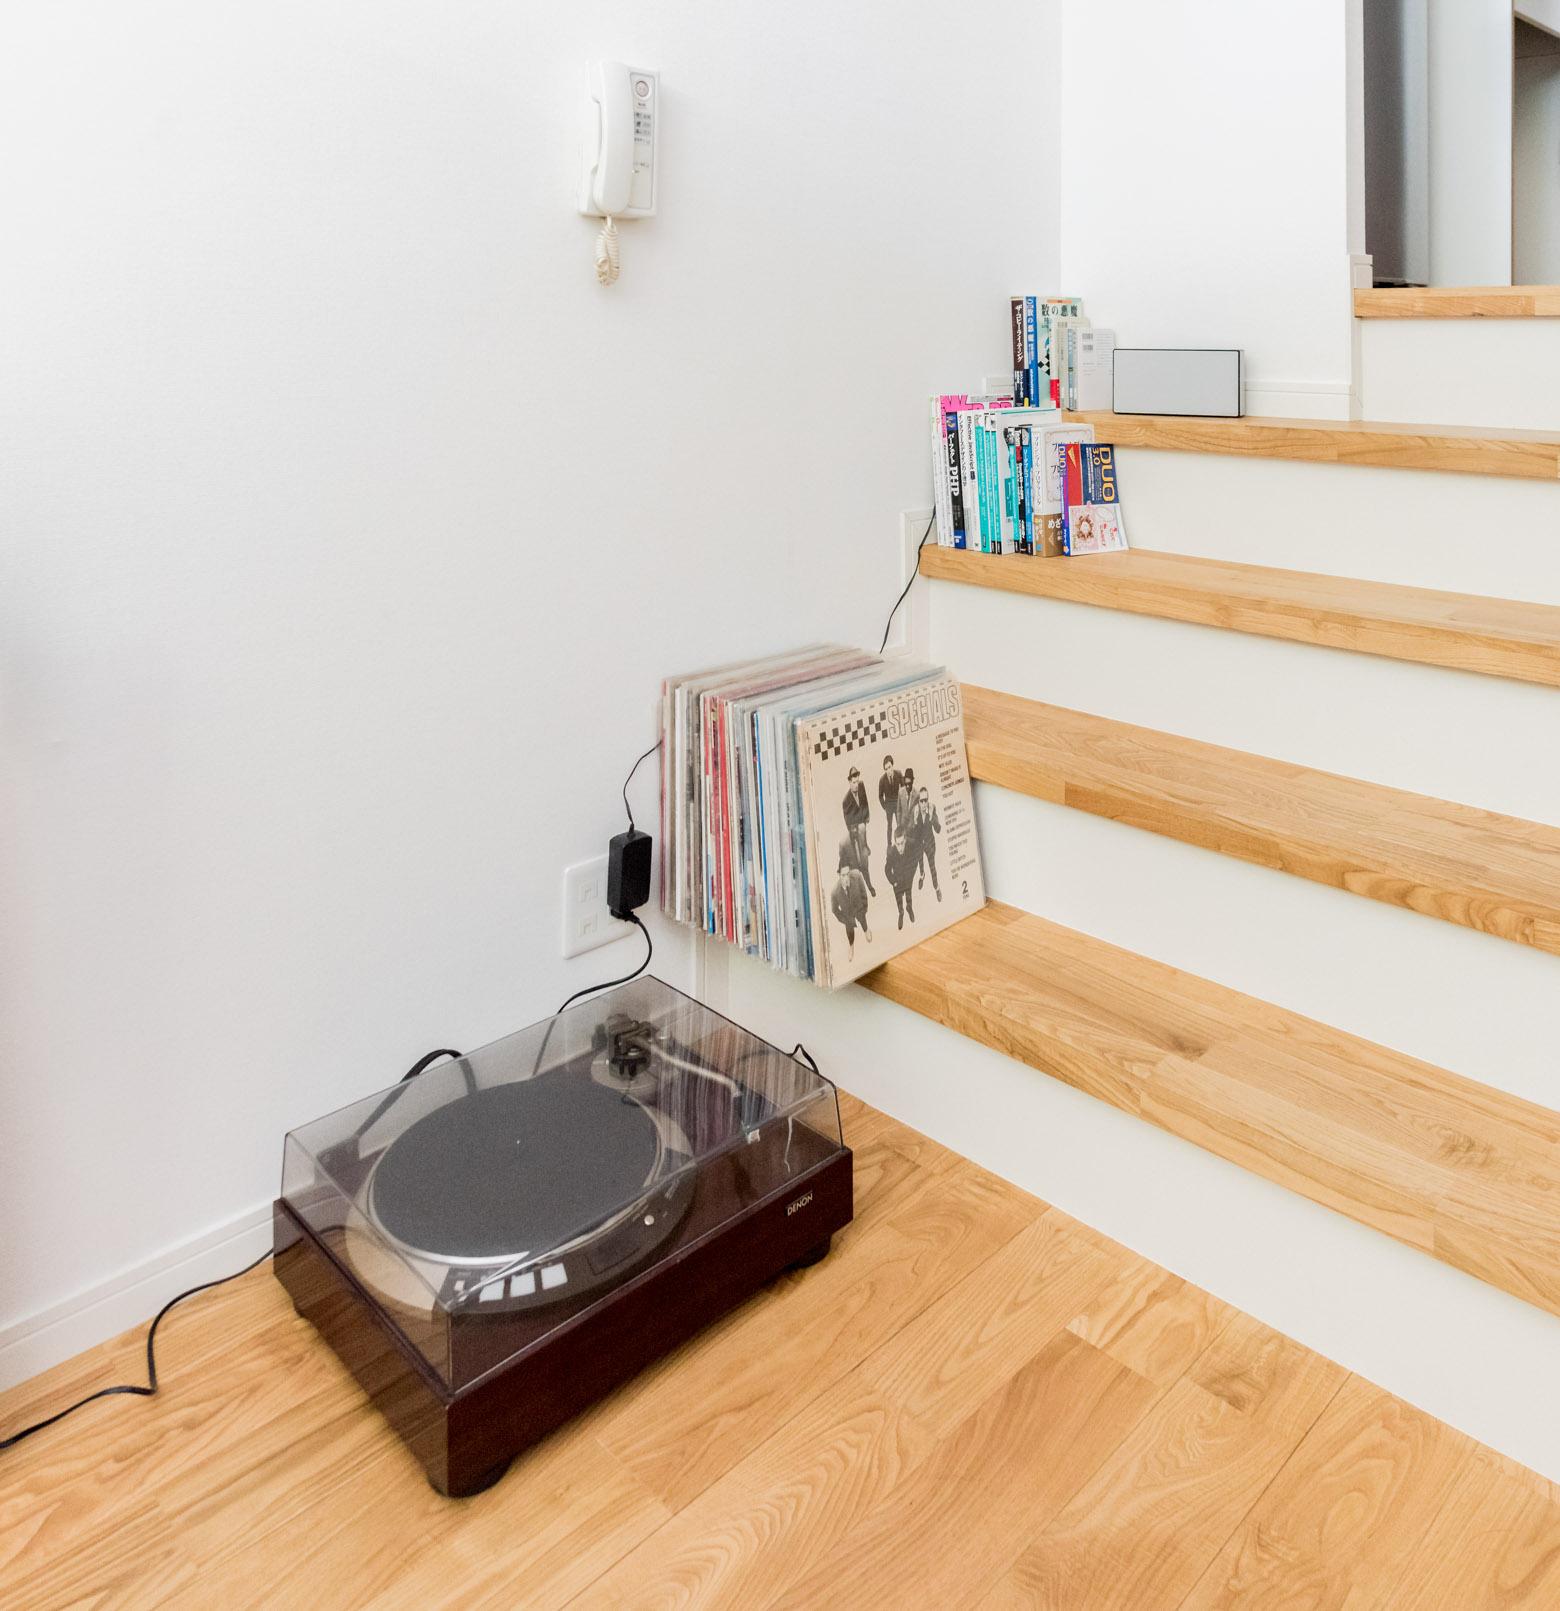 物らしい物といえばこれぐらい。本もここにあるのがすべてという。階段に置くっていうのがまたかっこいいではないか。